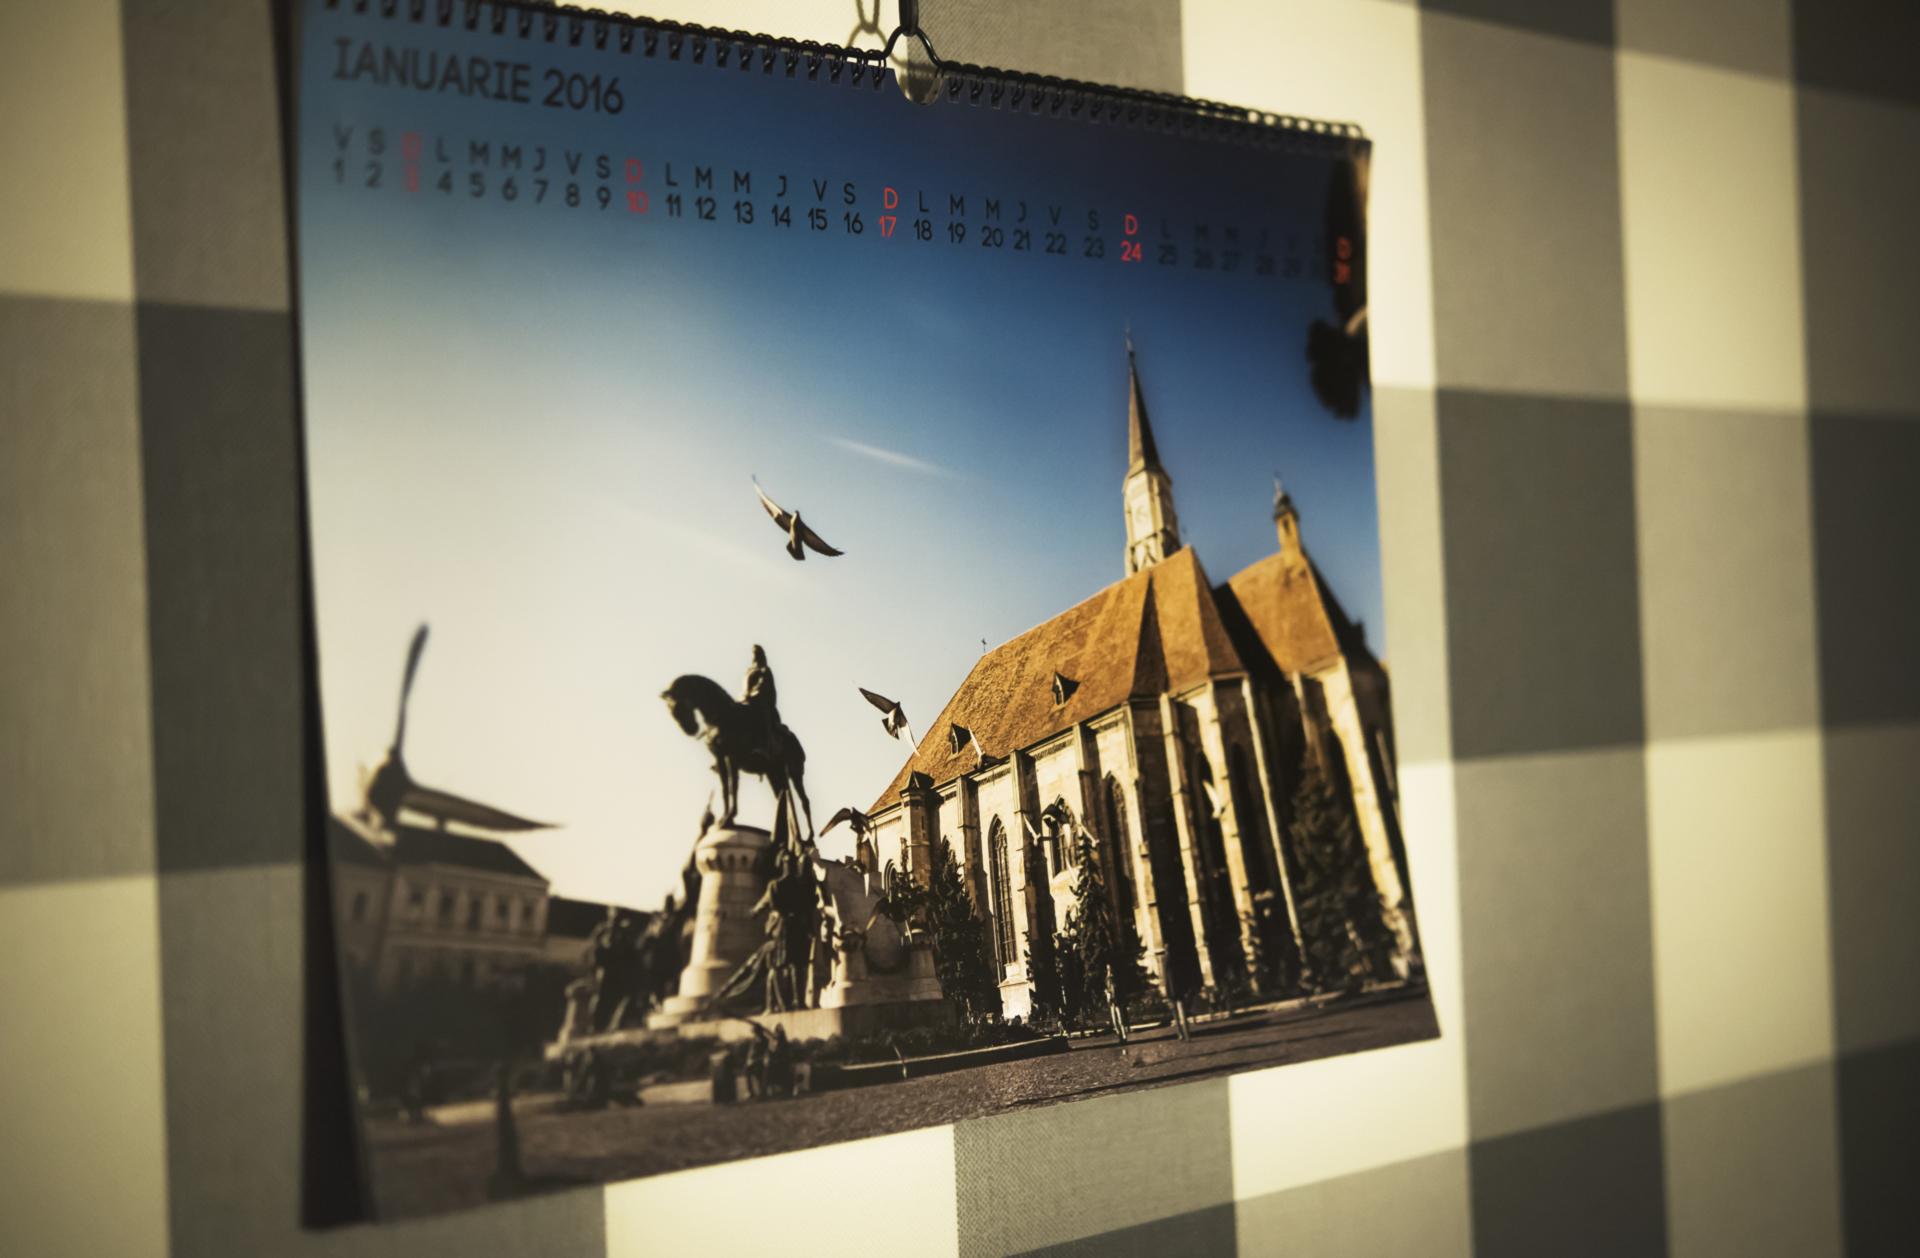 logo fotocolaj albume foto cadou calendar cluj 2016